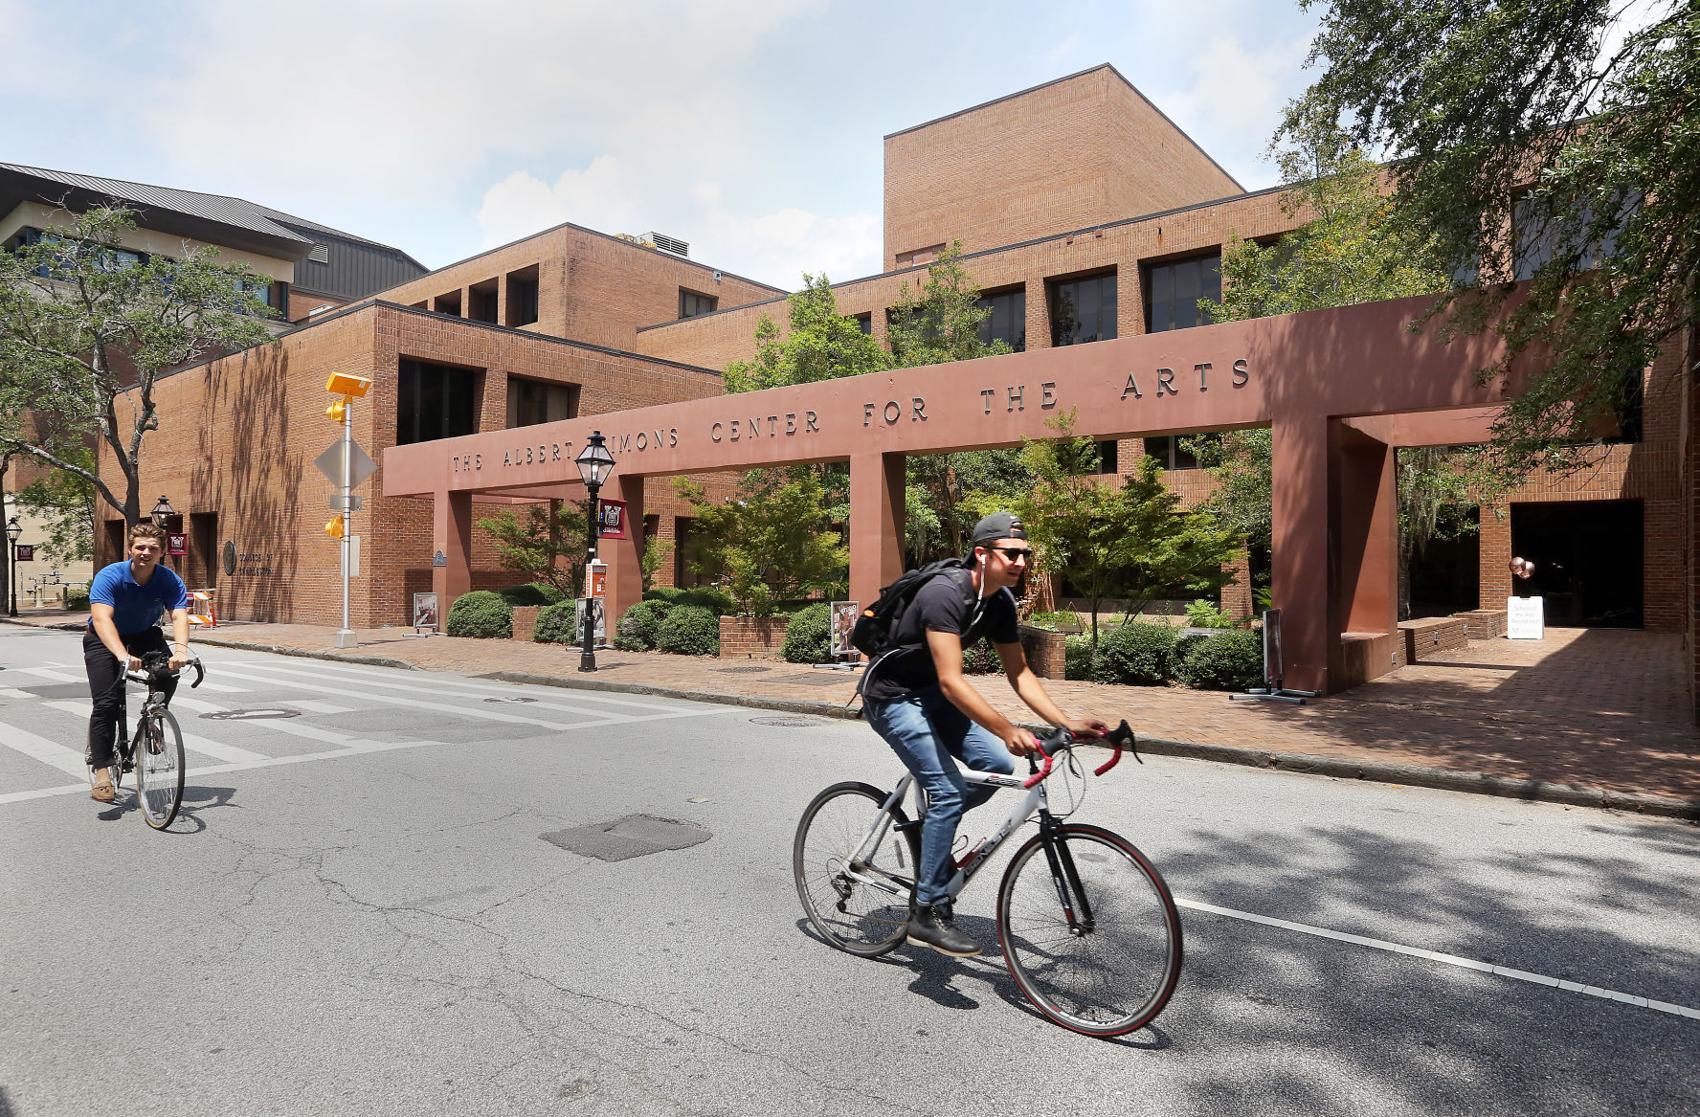 The College of Charleston's Albert Simons Center for the Arts will undergo extensive renovations beginning in the spring of 2020. Brad Nettles/Staff - Brad Nettles bnettles@postandcourier.com